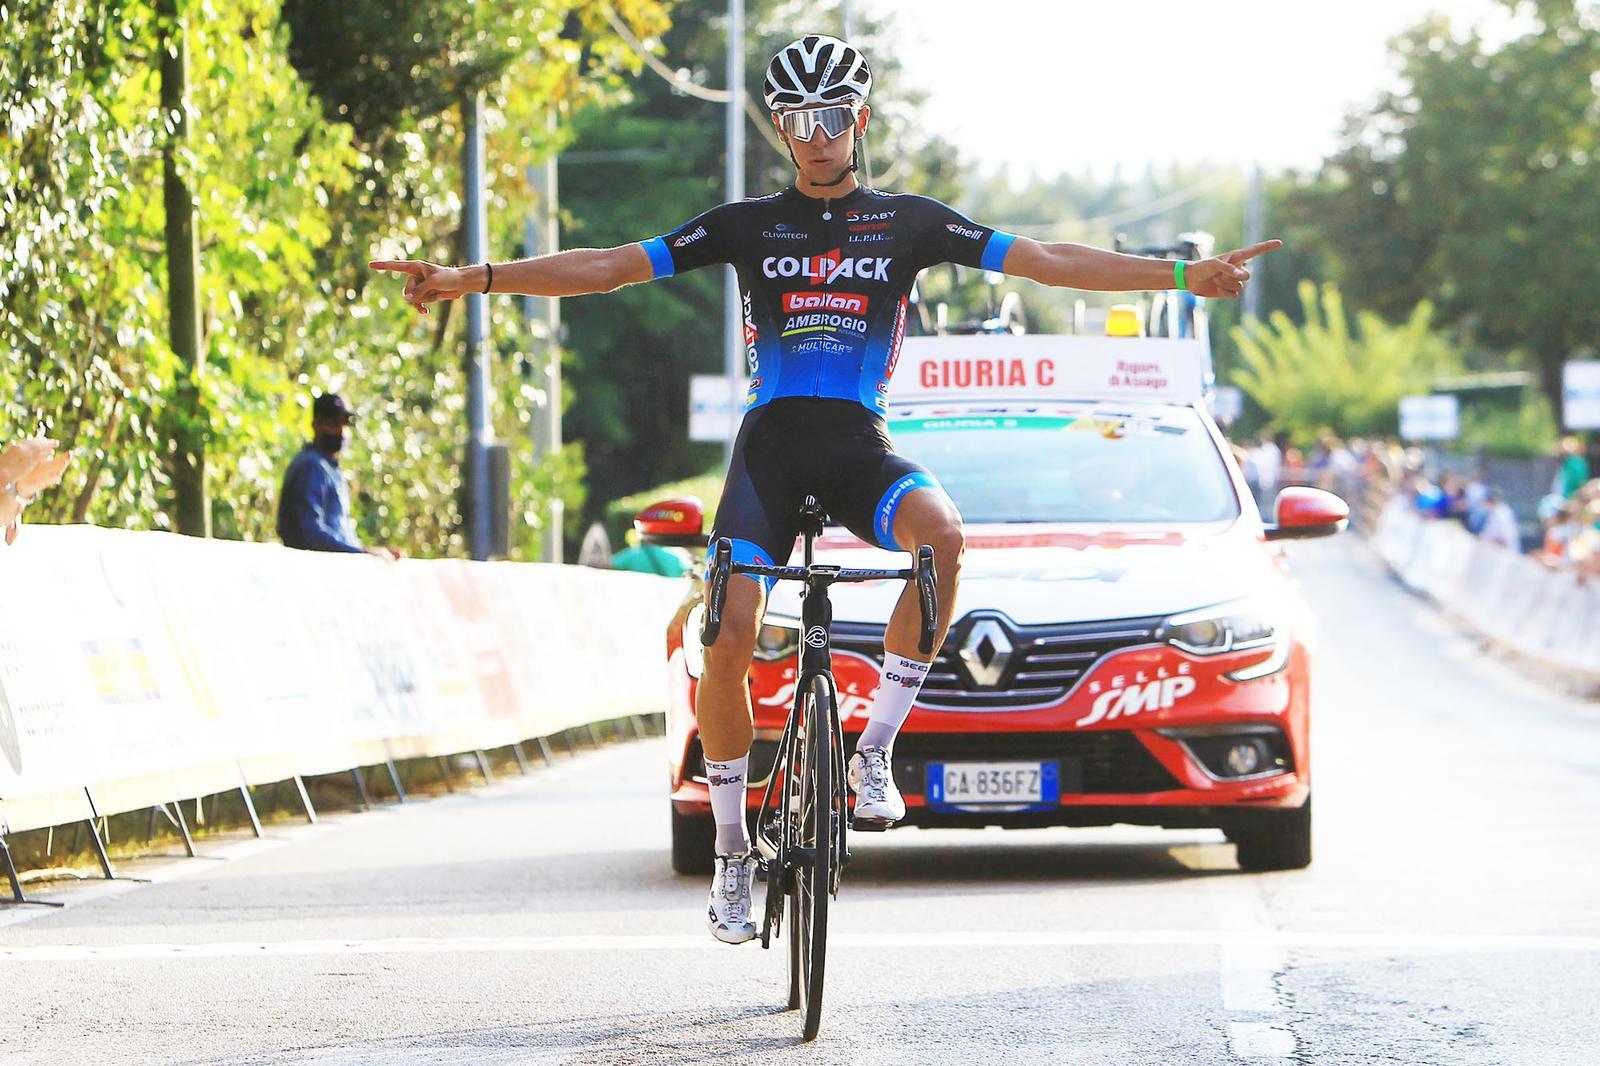 Antonio Tiberi vince per distacco l'internazionale di San Vendemiano